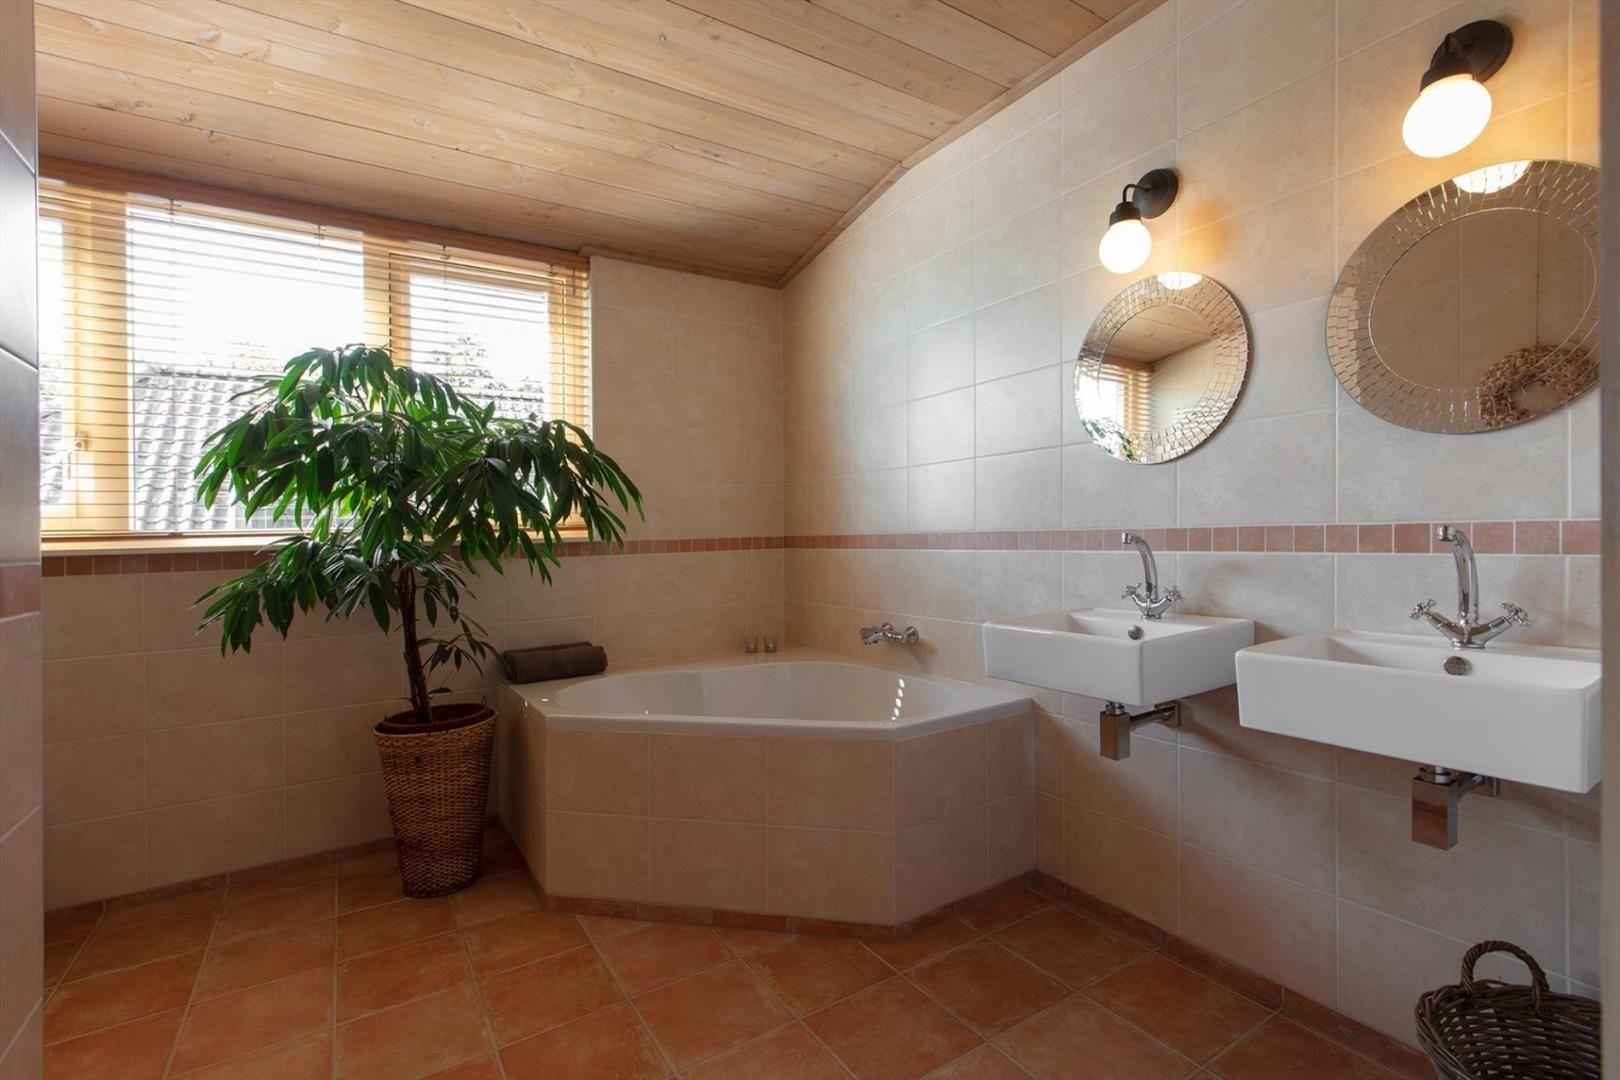 Jabsco Toilet Aanbieding : Simon van capelweg 8 b Вилла в noorden